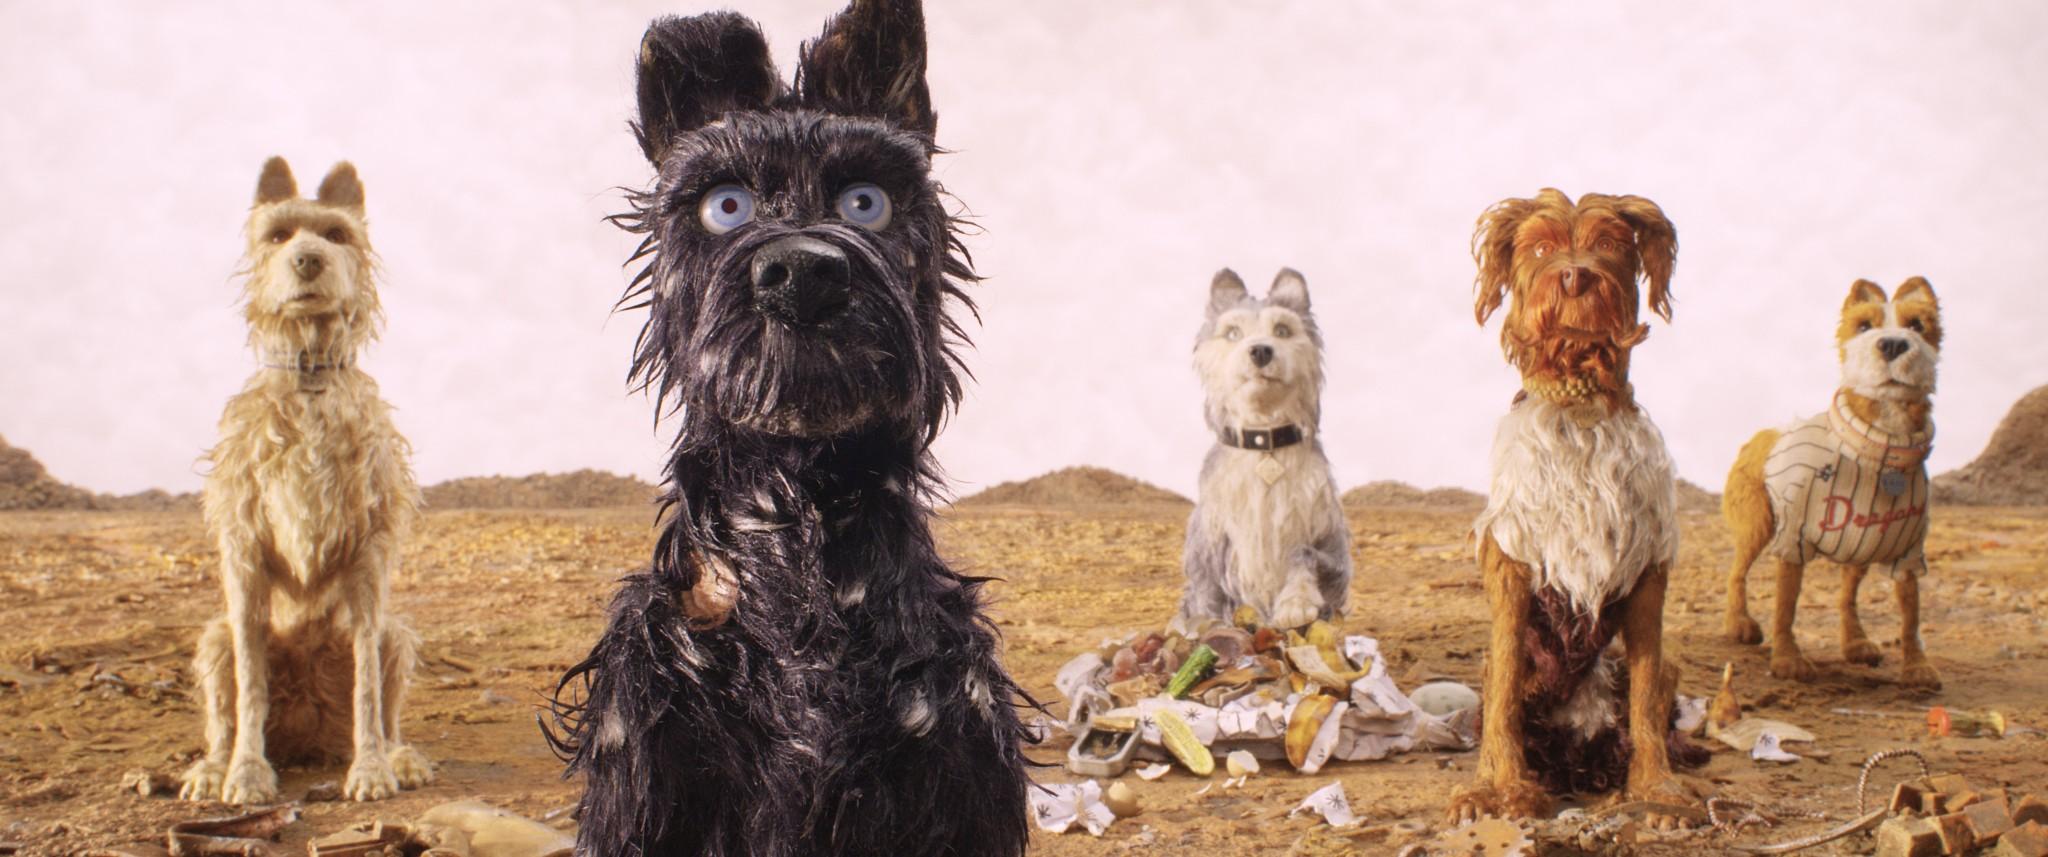 Resultado de imagen para isle of dogs